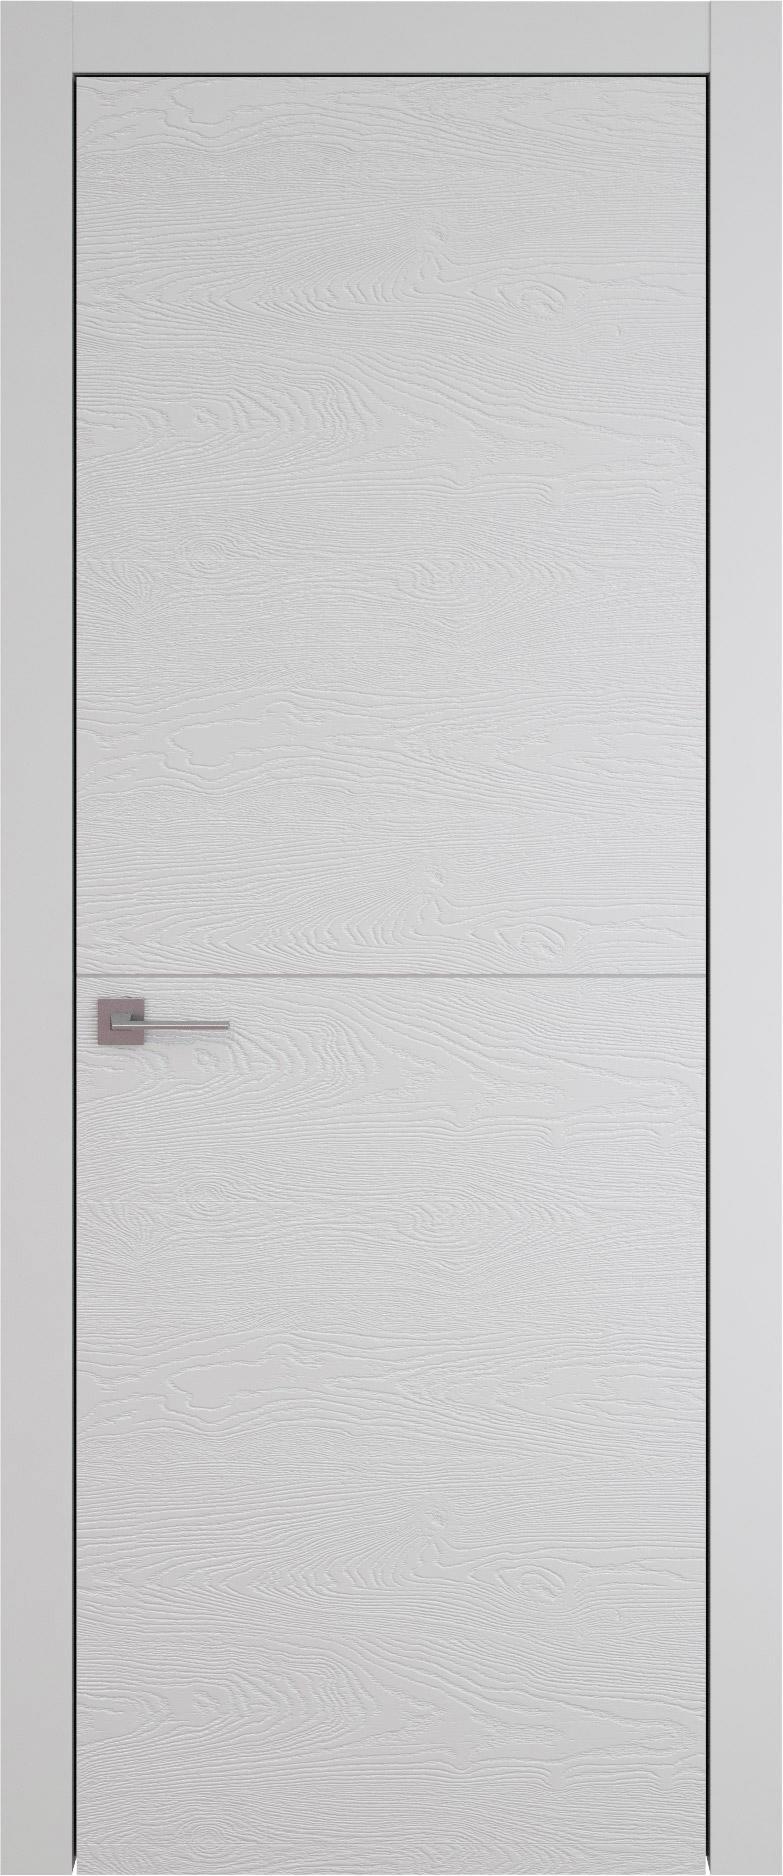 Tivoli Б-2 цвет - Серая эмаль по шпону (RAL 7047) Без стекла (ДГ)